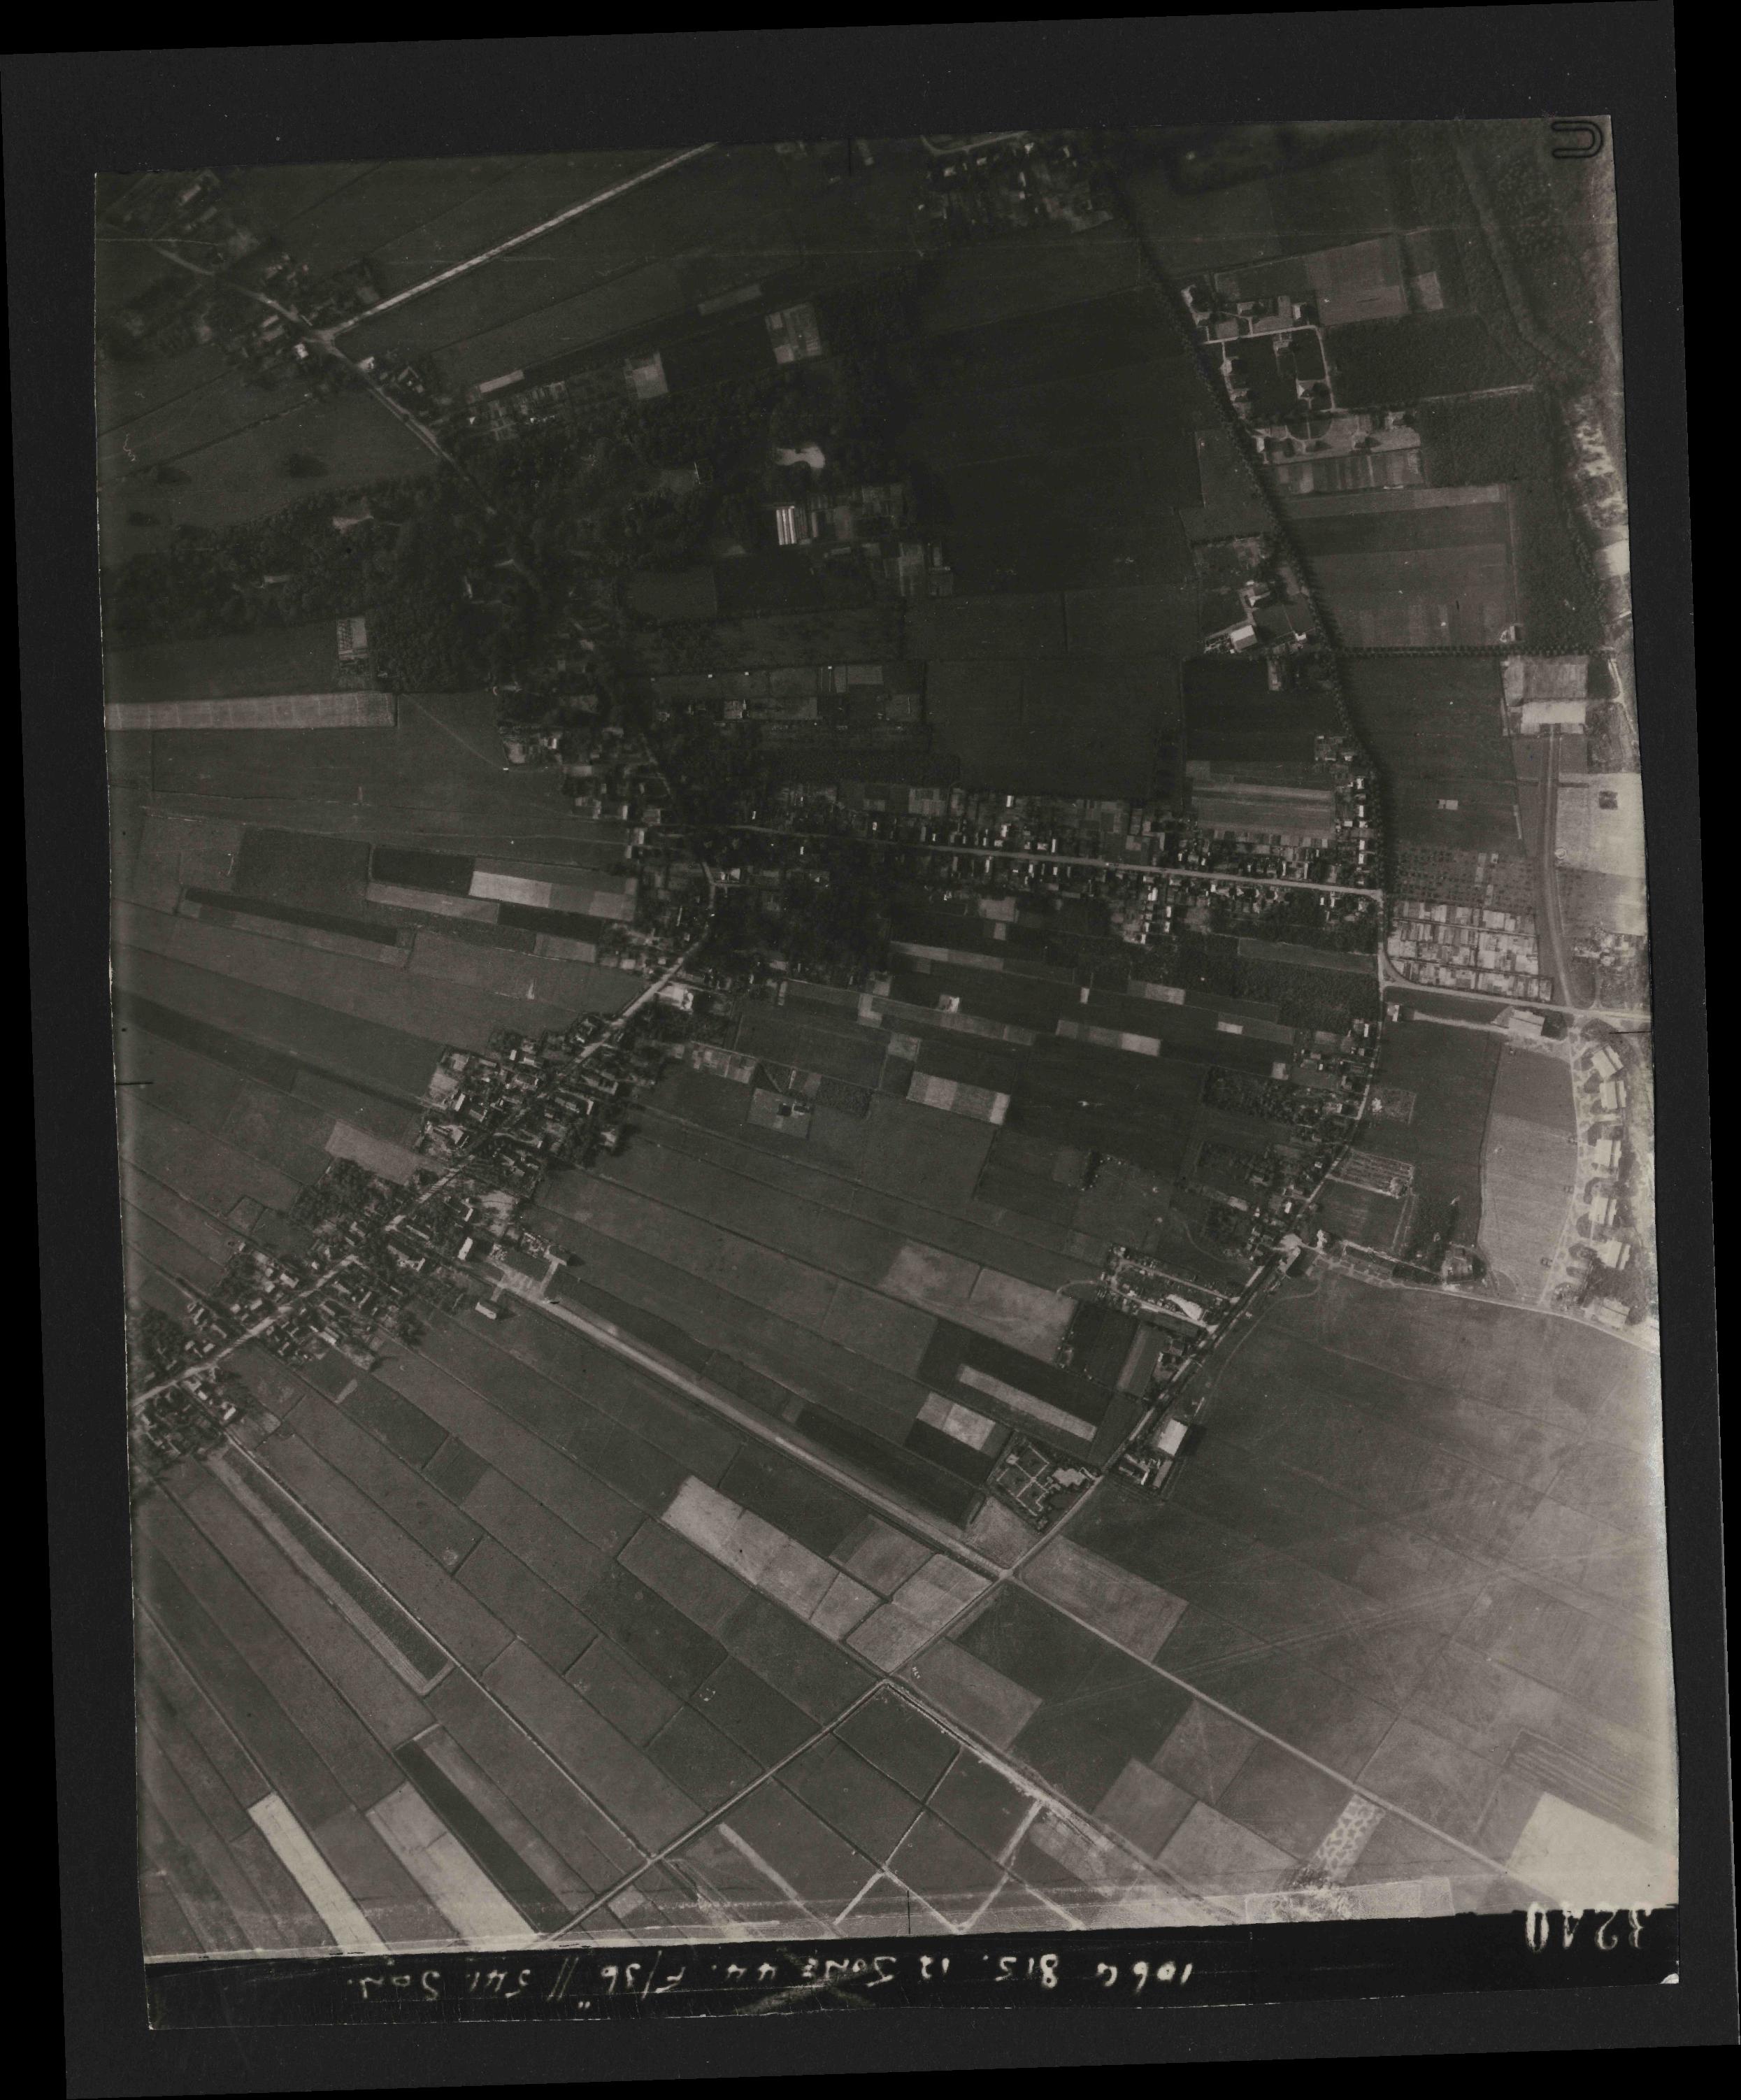 Collection RAF aerial photos 1940-1945 - flight 175, run 06, photo 3240